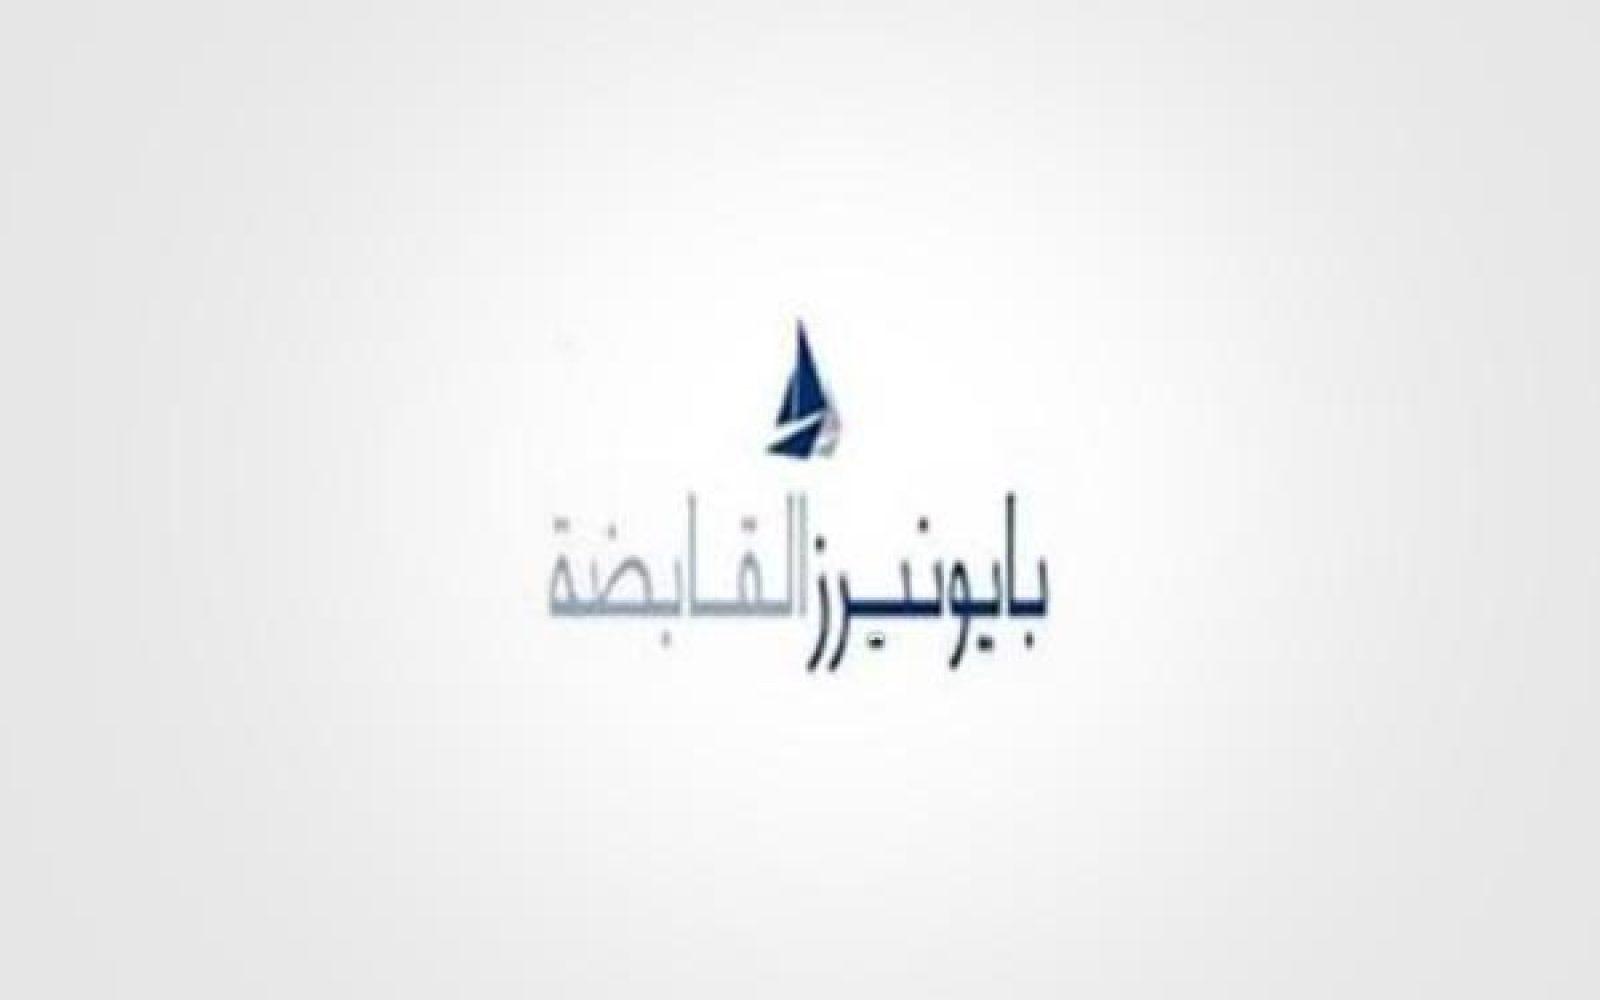 بايونيرز - القابضة المدرجة فى البورصة المصرية